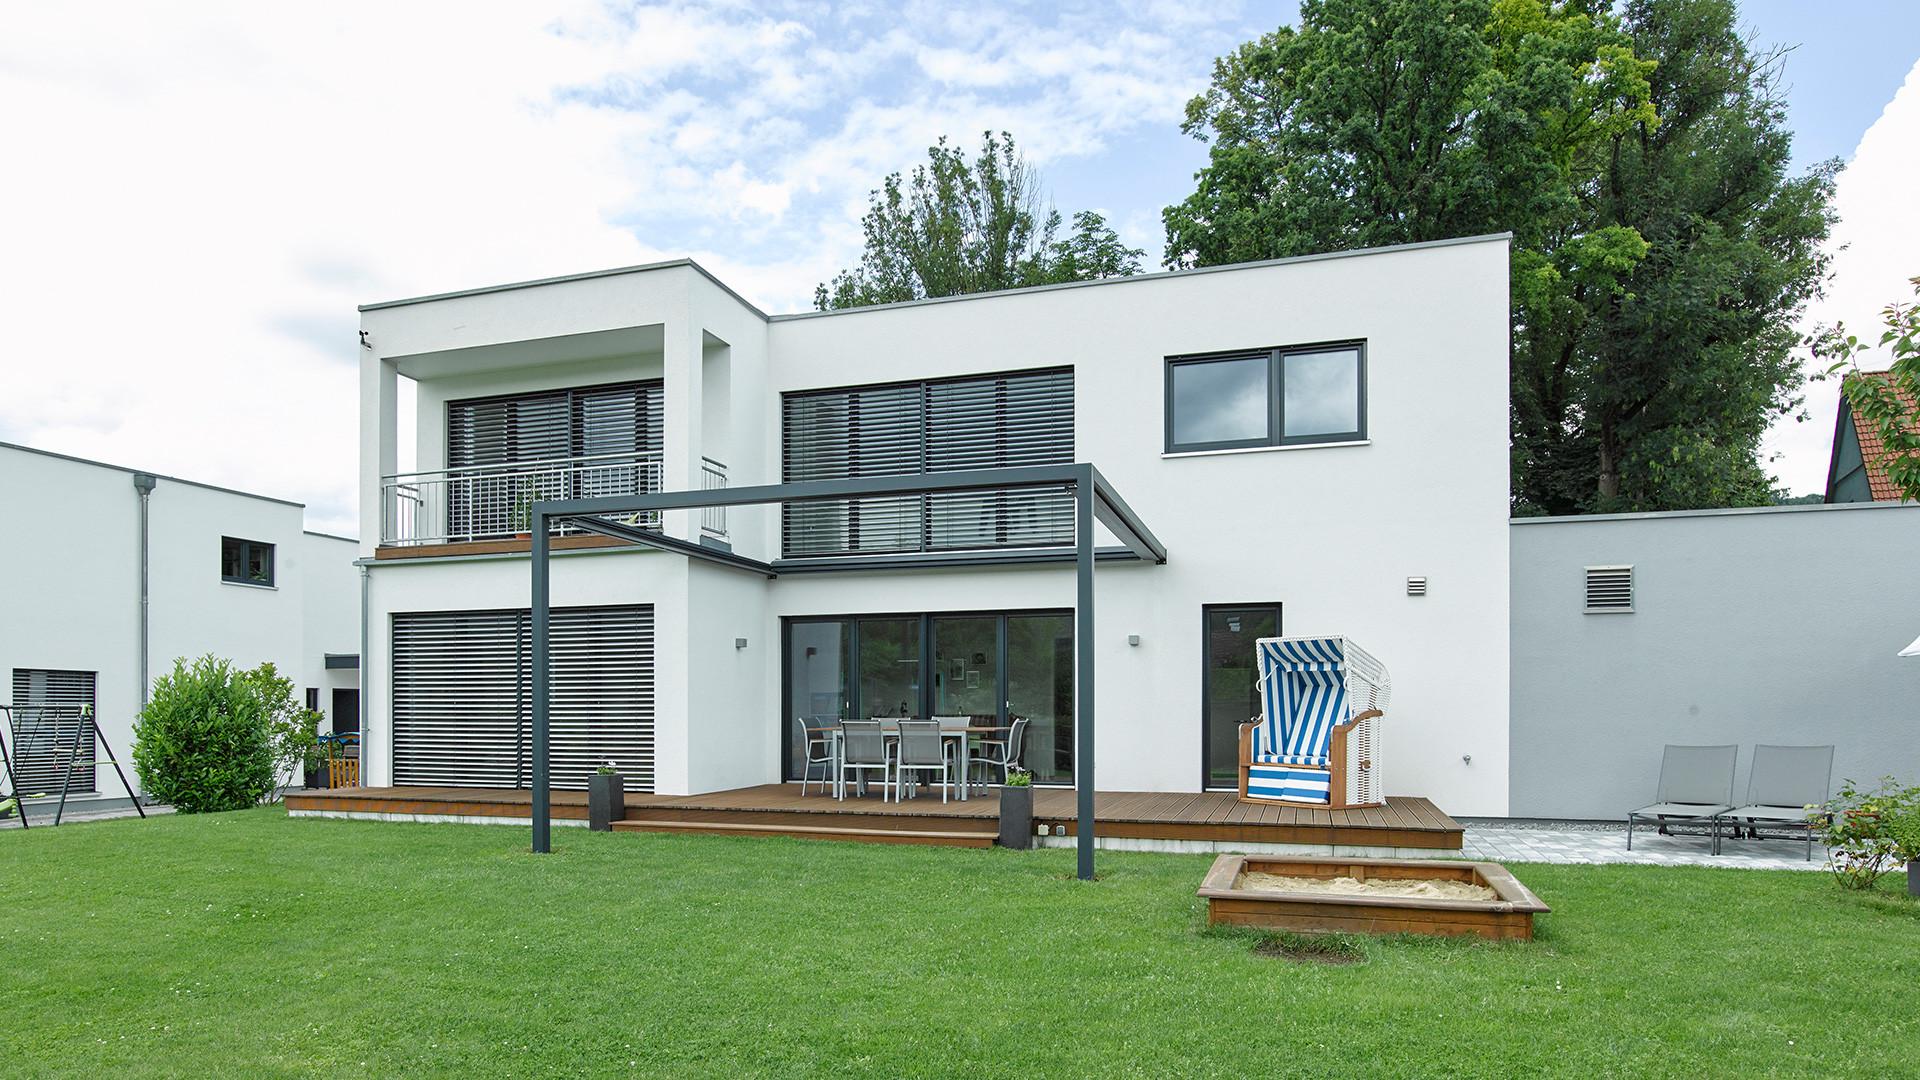 Sonnenschutz Für Terrasse  Sonnenschutz für Balkon und Terrasse Markisen Zanker